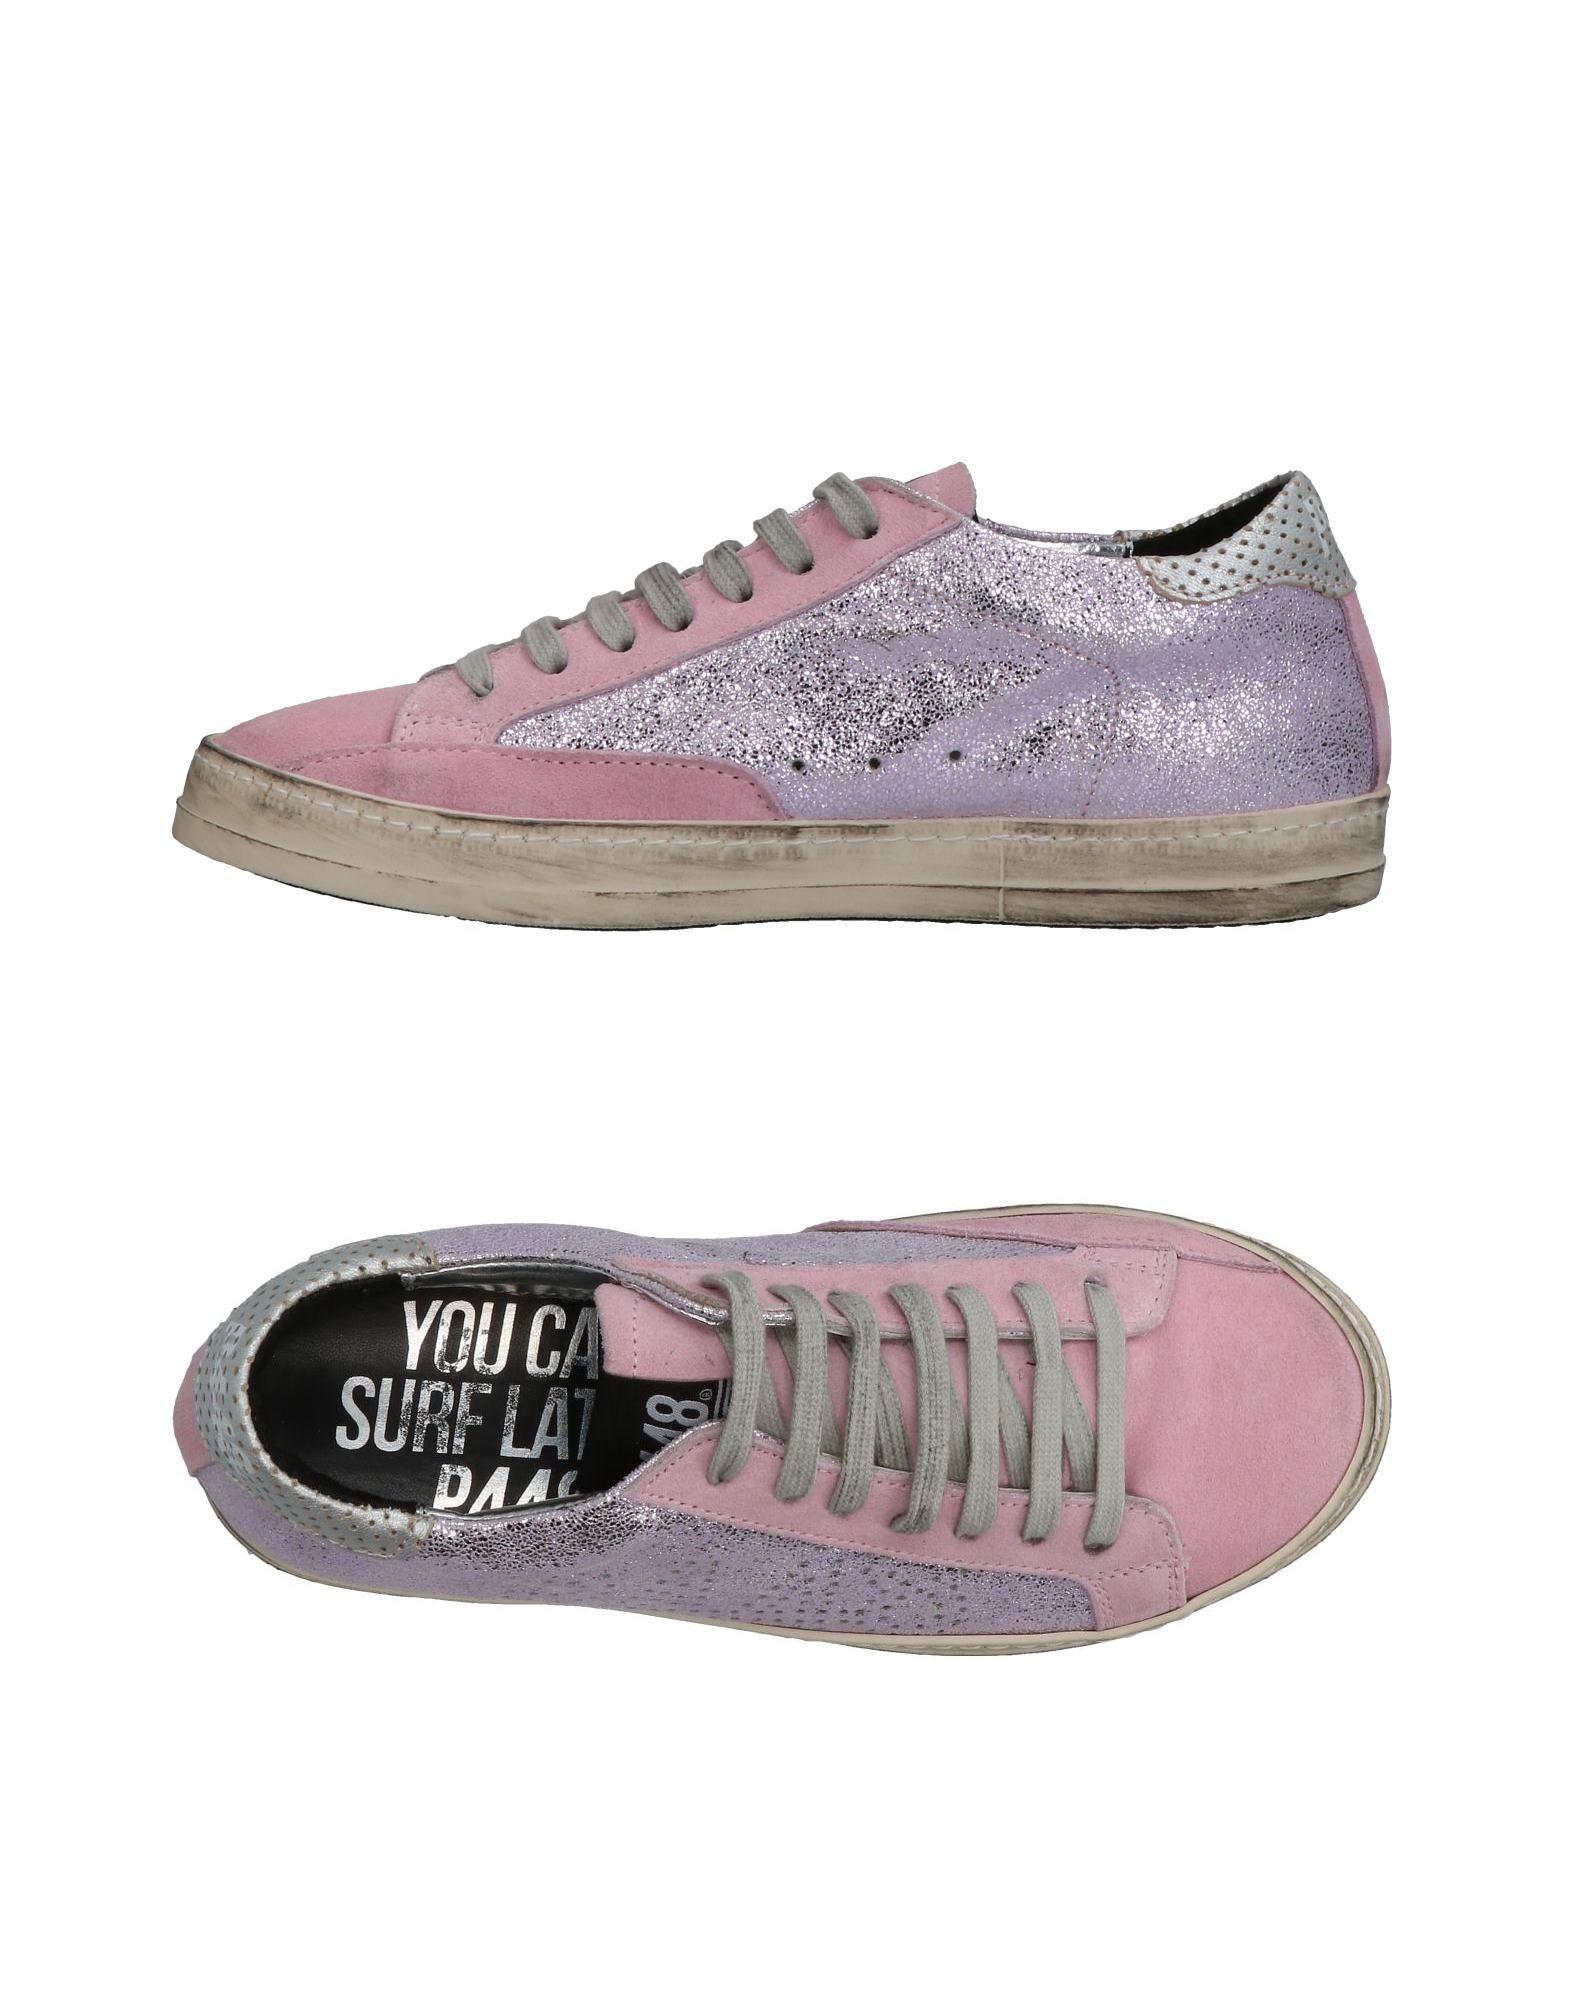 Scarpe economiche e resistenti Sneakers P448 Donna - 11352880DL